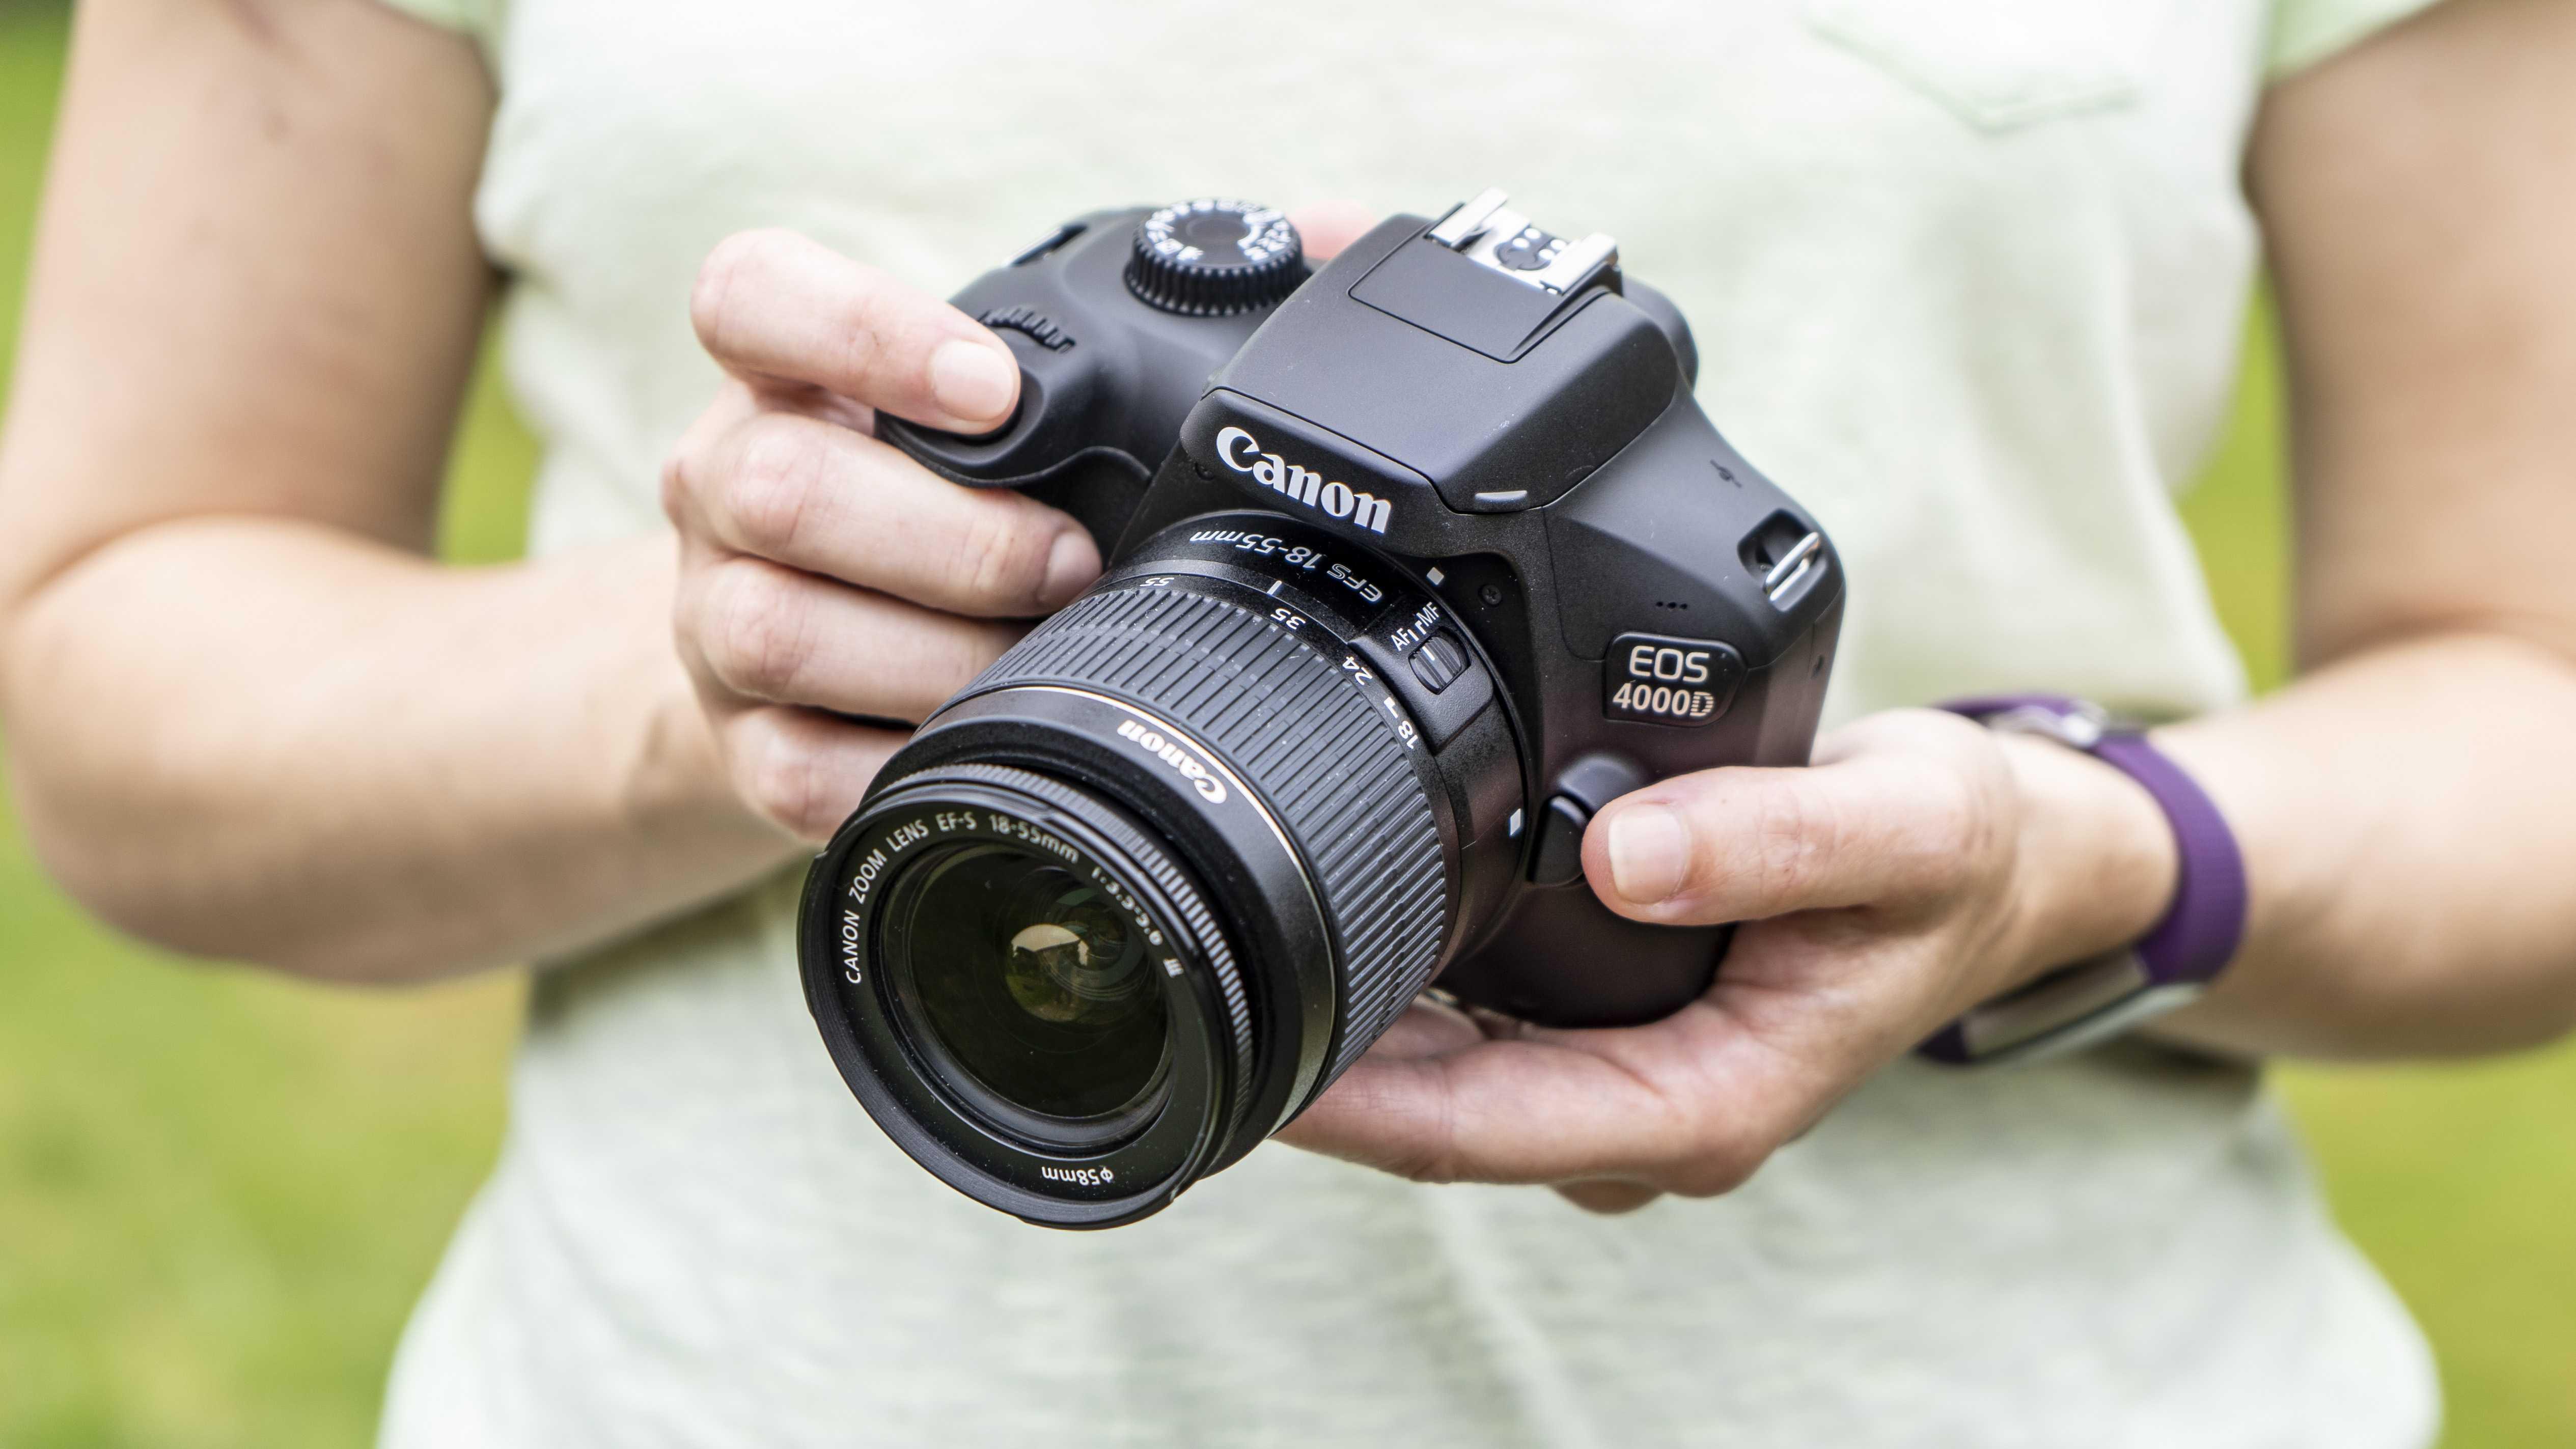 Лучший любительский фотоаппарат 2020 года: критерии выбора и главные отличия